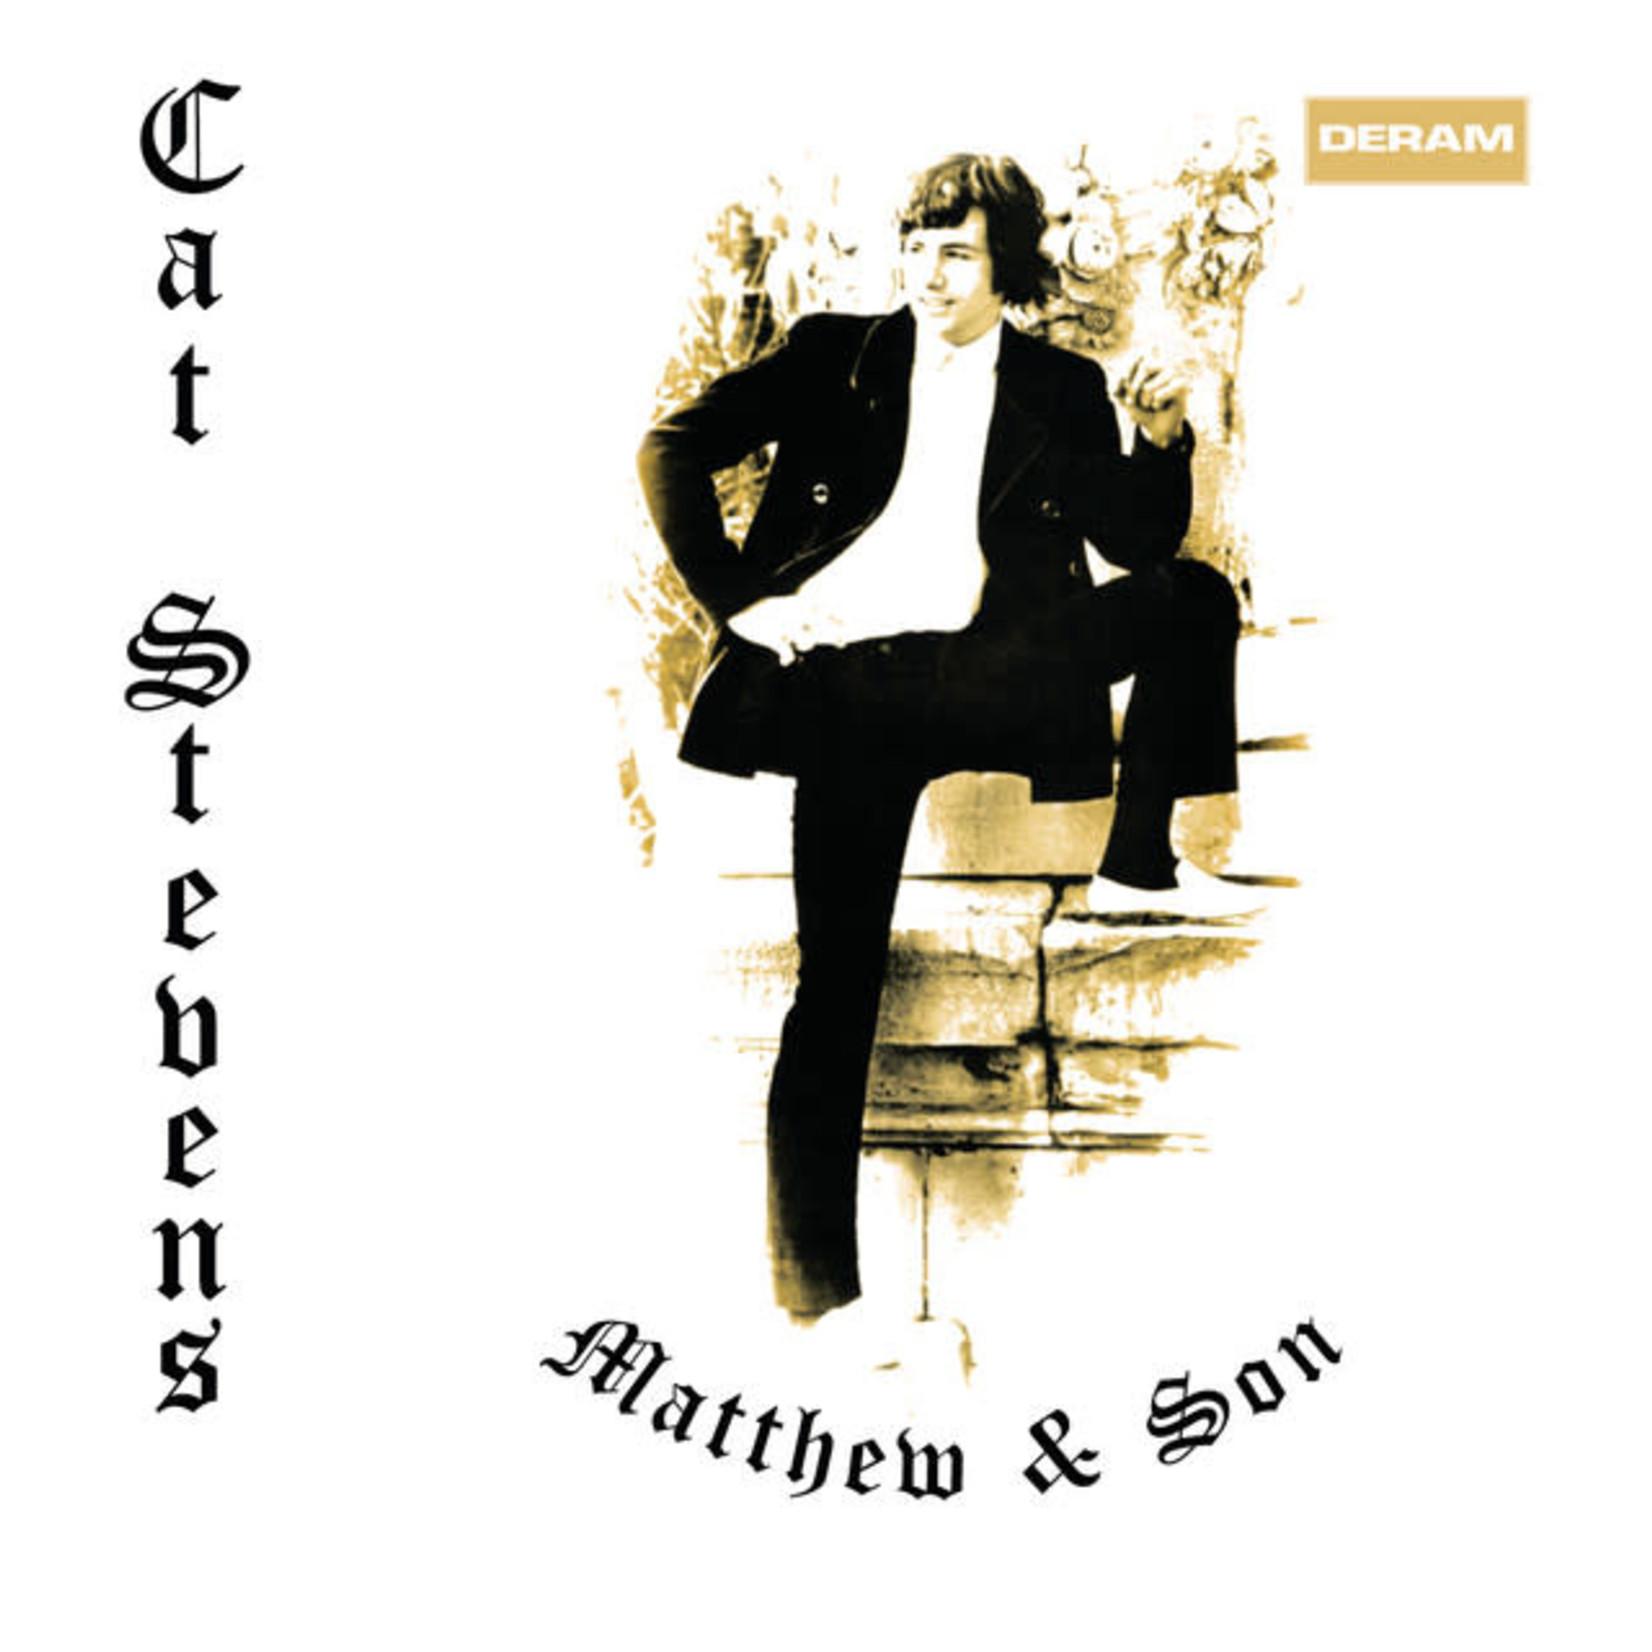 Vinyl Cat Stevens - Matthew & Son